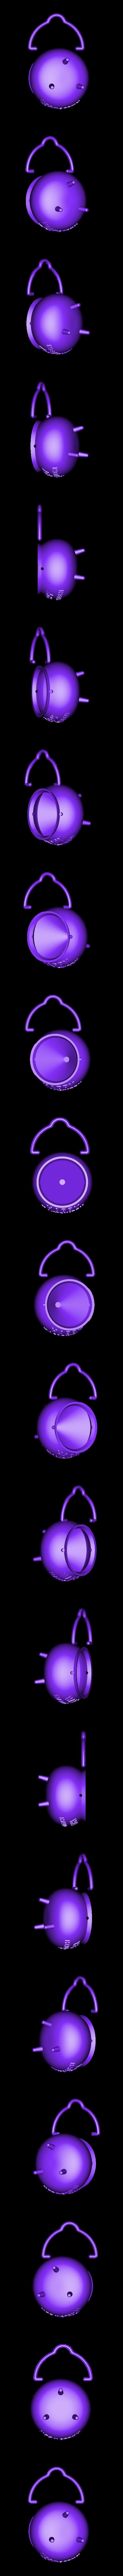 Easy_print_Cauldron_with_handle.stl Télécharger fichier STL gratuit Chaudrons d'Halloween • Modèle pour imprimante 3D, tone001